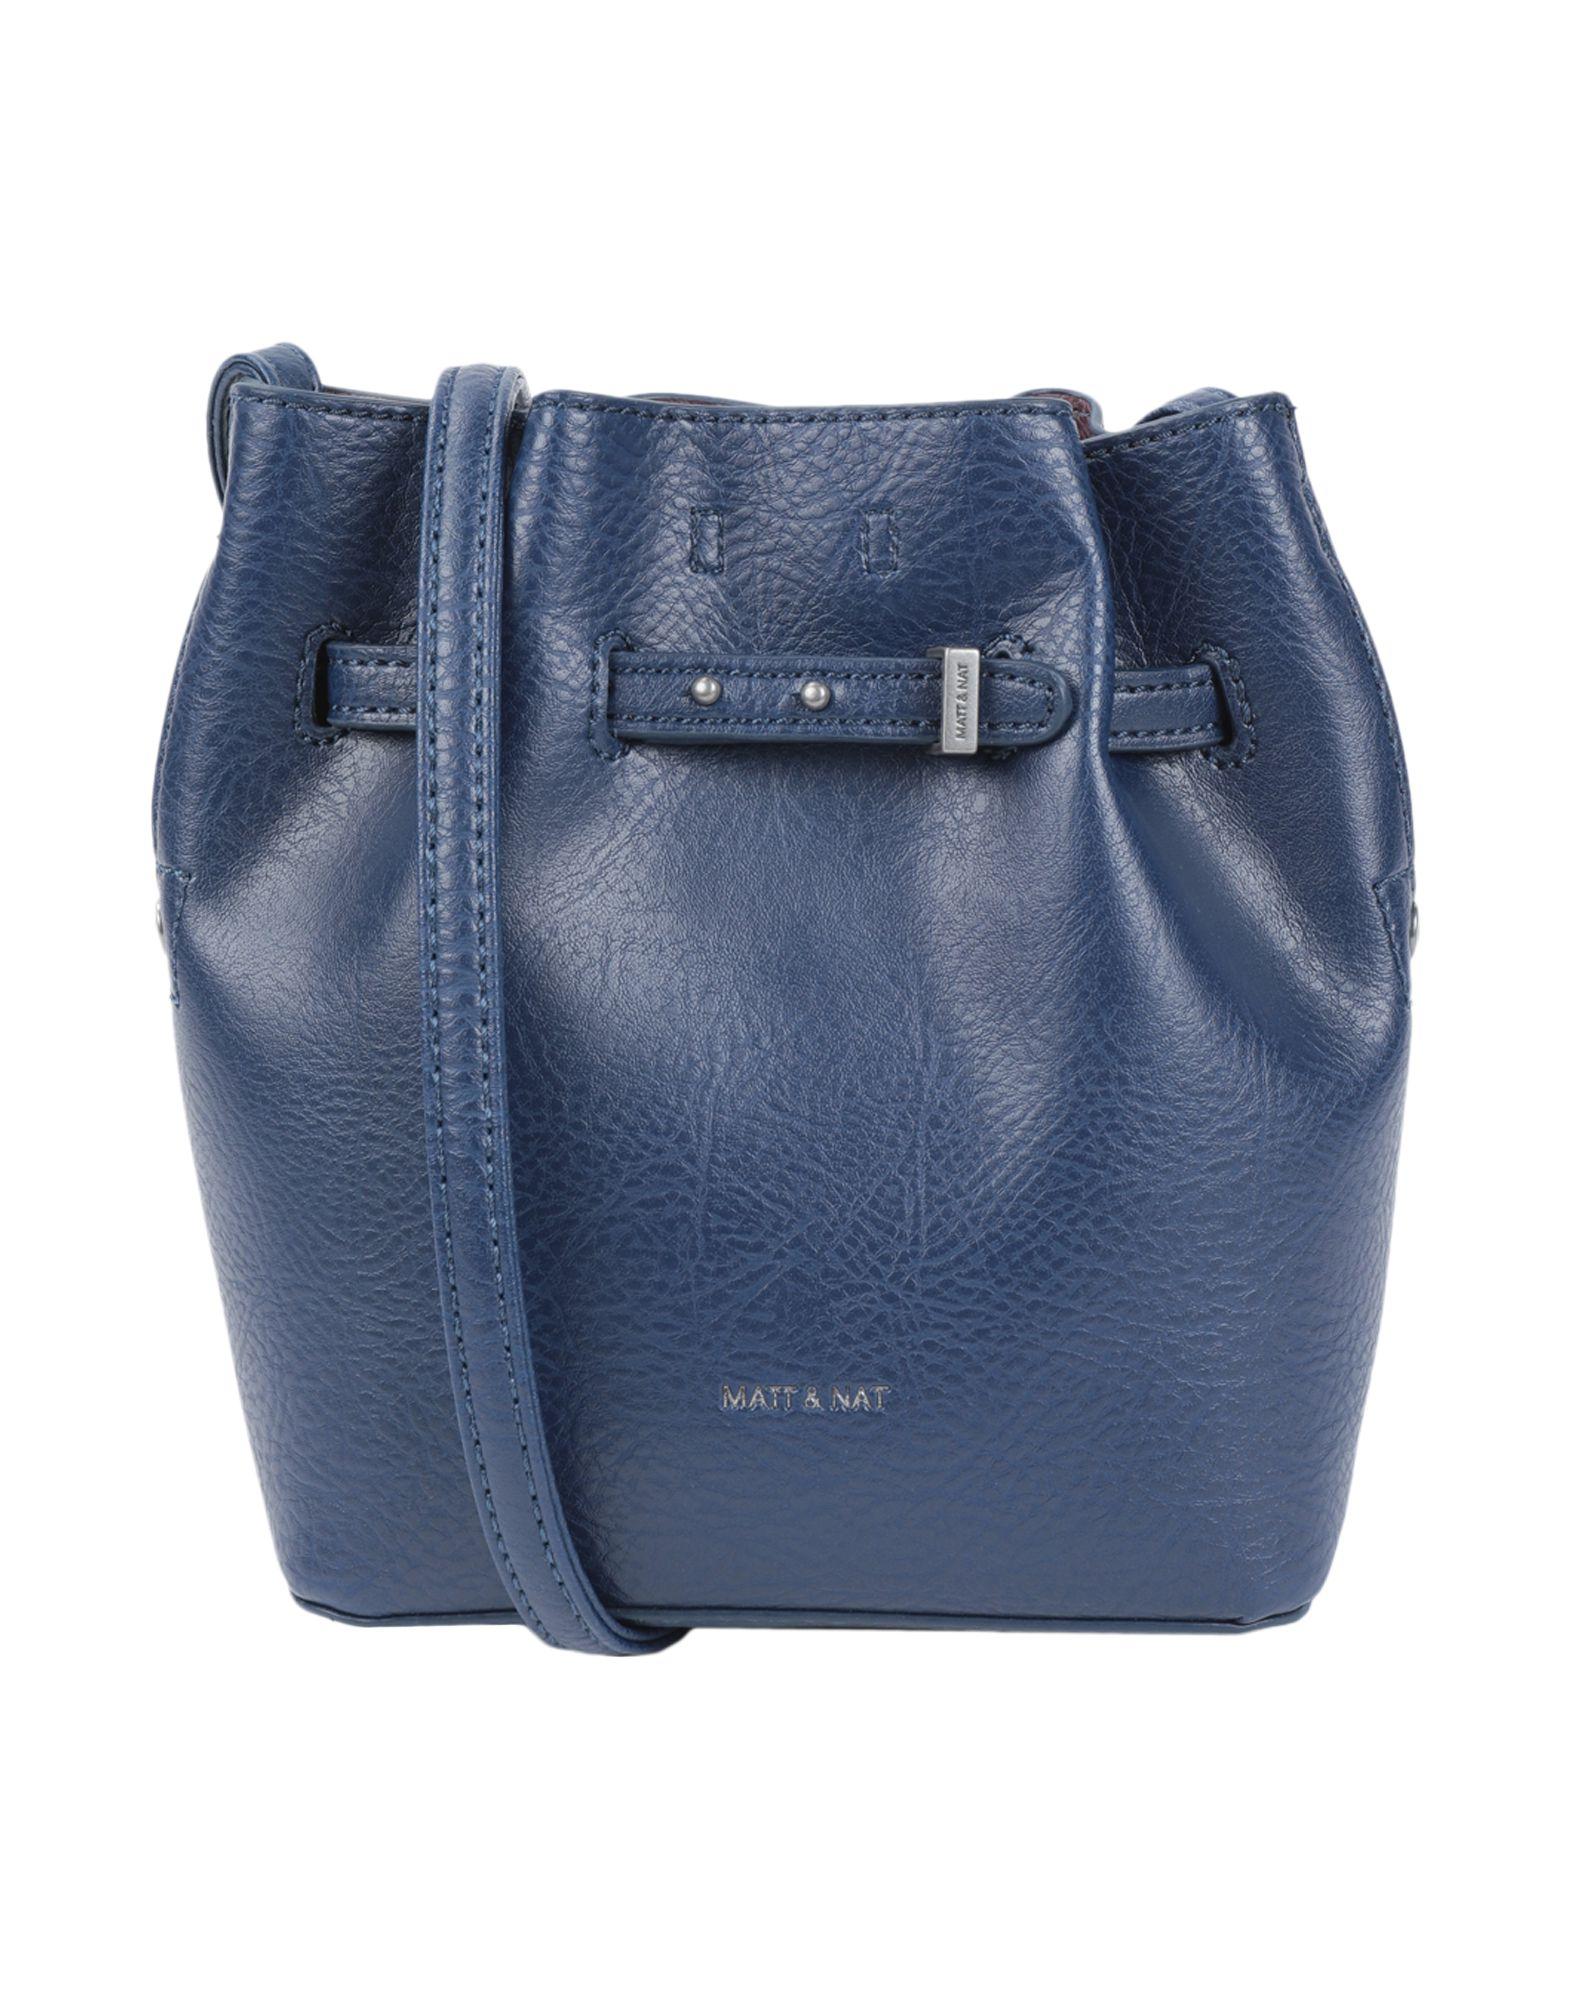 MATT & NAT Сумка через плечо [супермаркет] landcase jingdong люди деловой сумки случайной сумка плечо сумка прилив мешок коричневого холст мешок 902